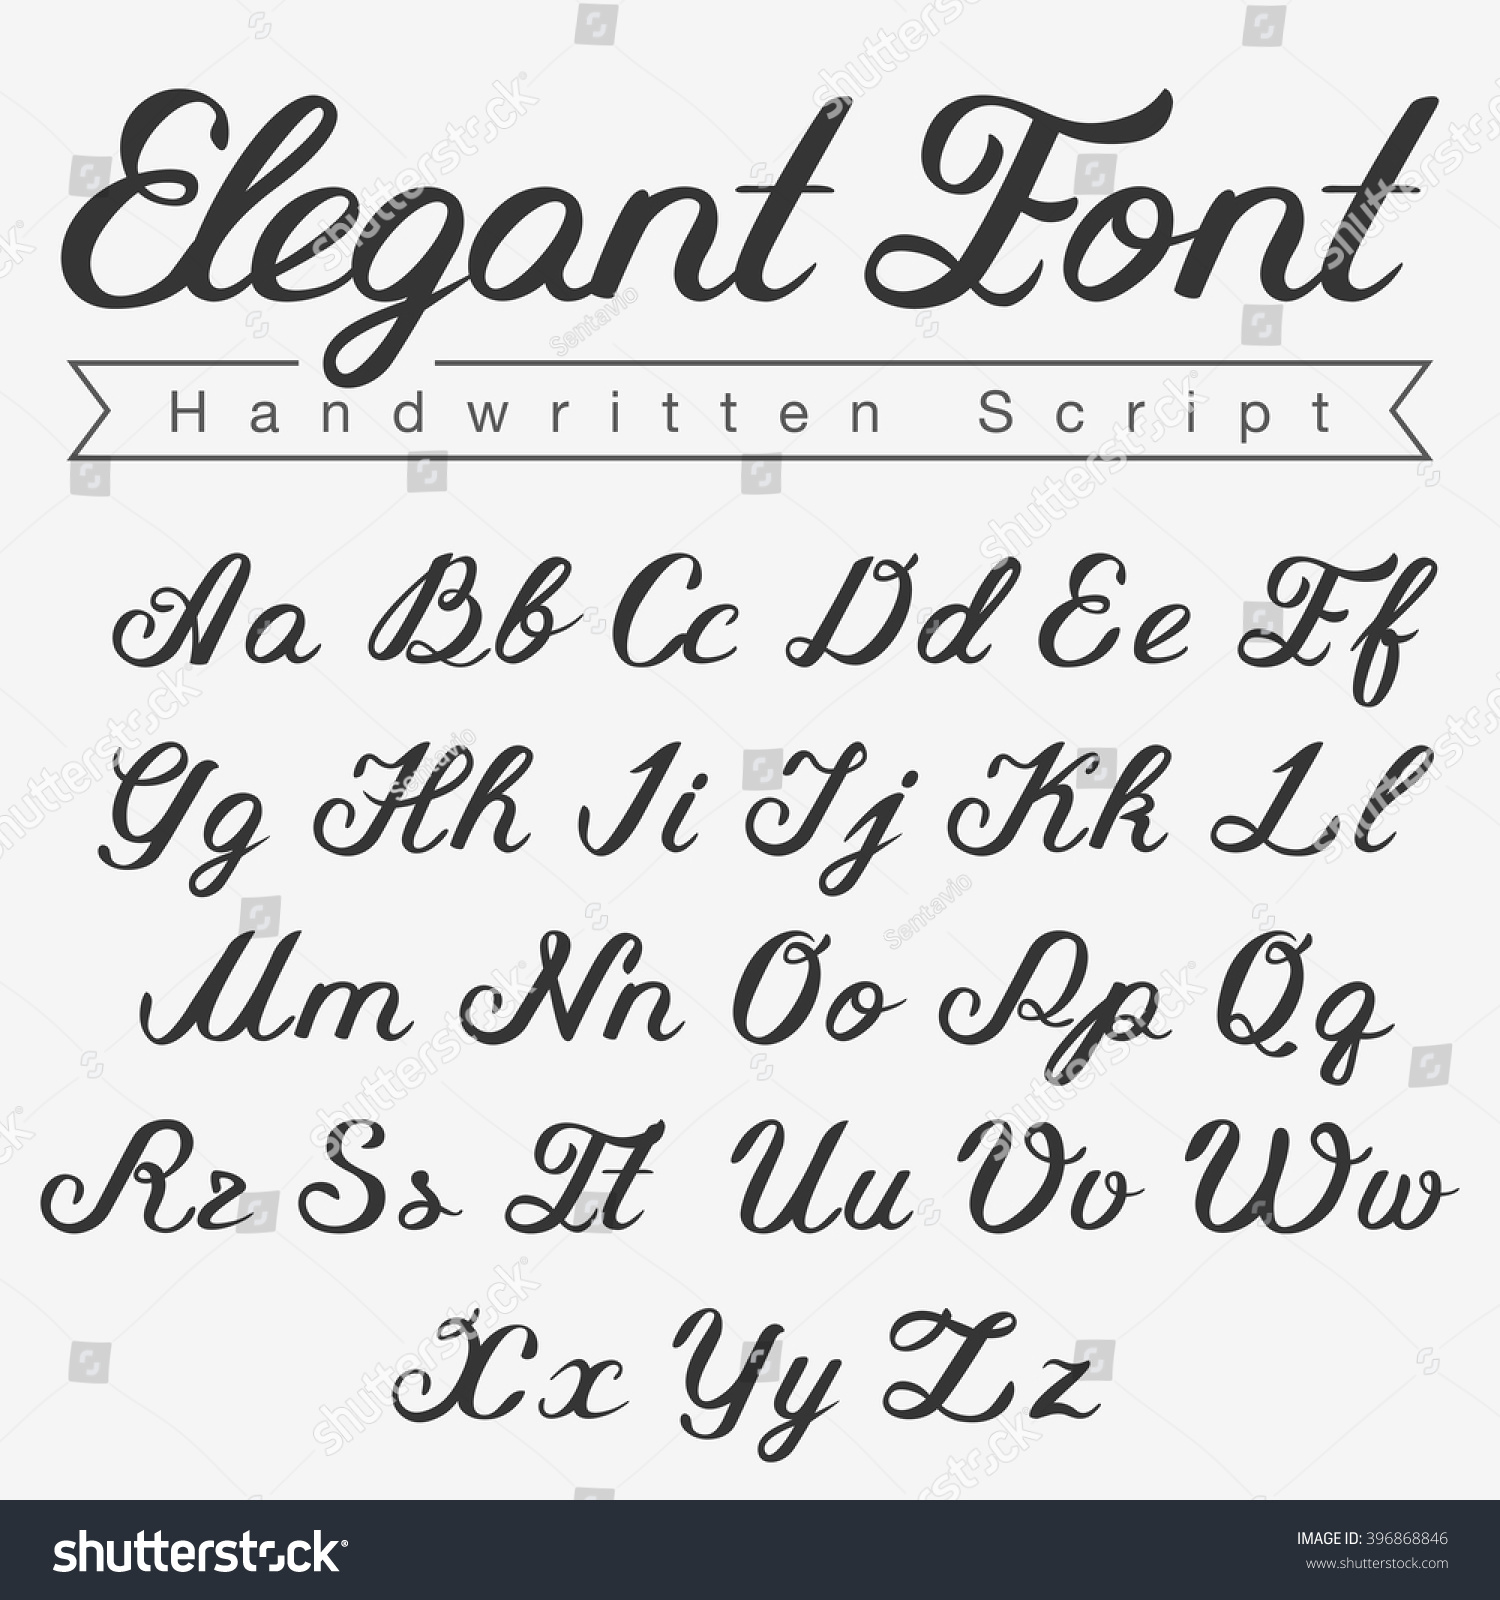 Elegant handwritten script font design vector calligraphy Images of calligraphy